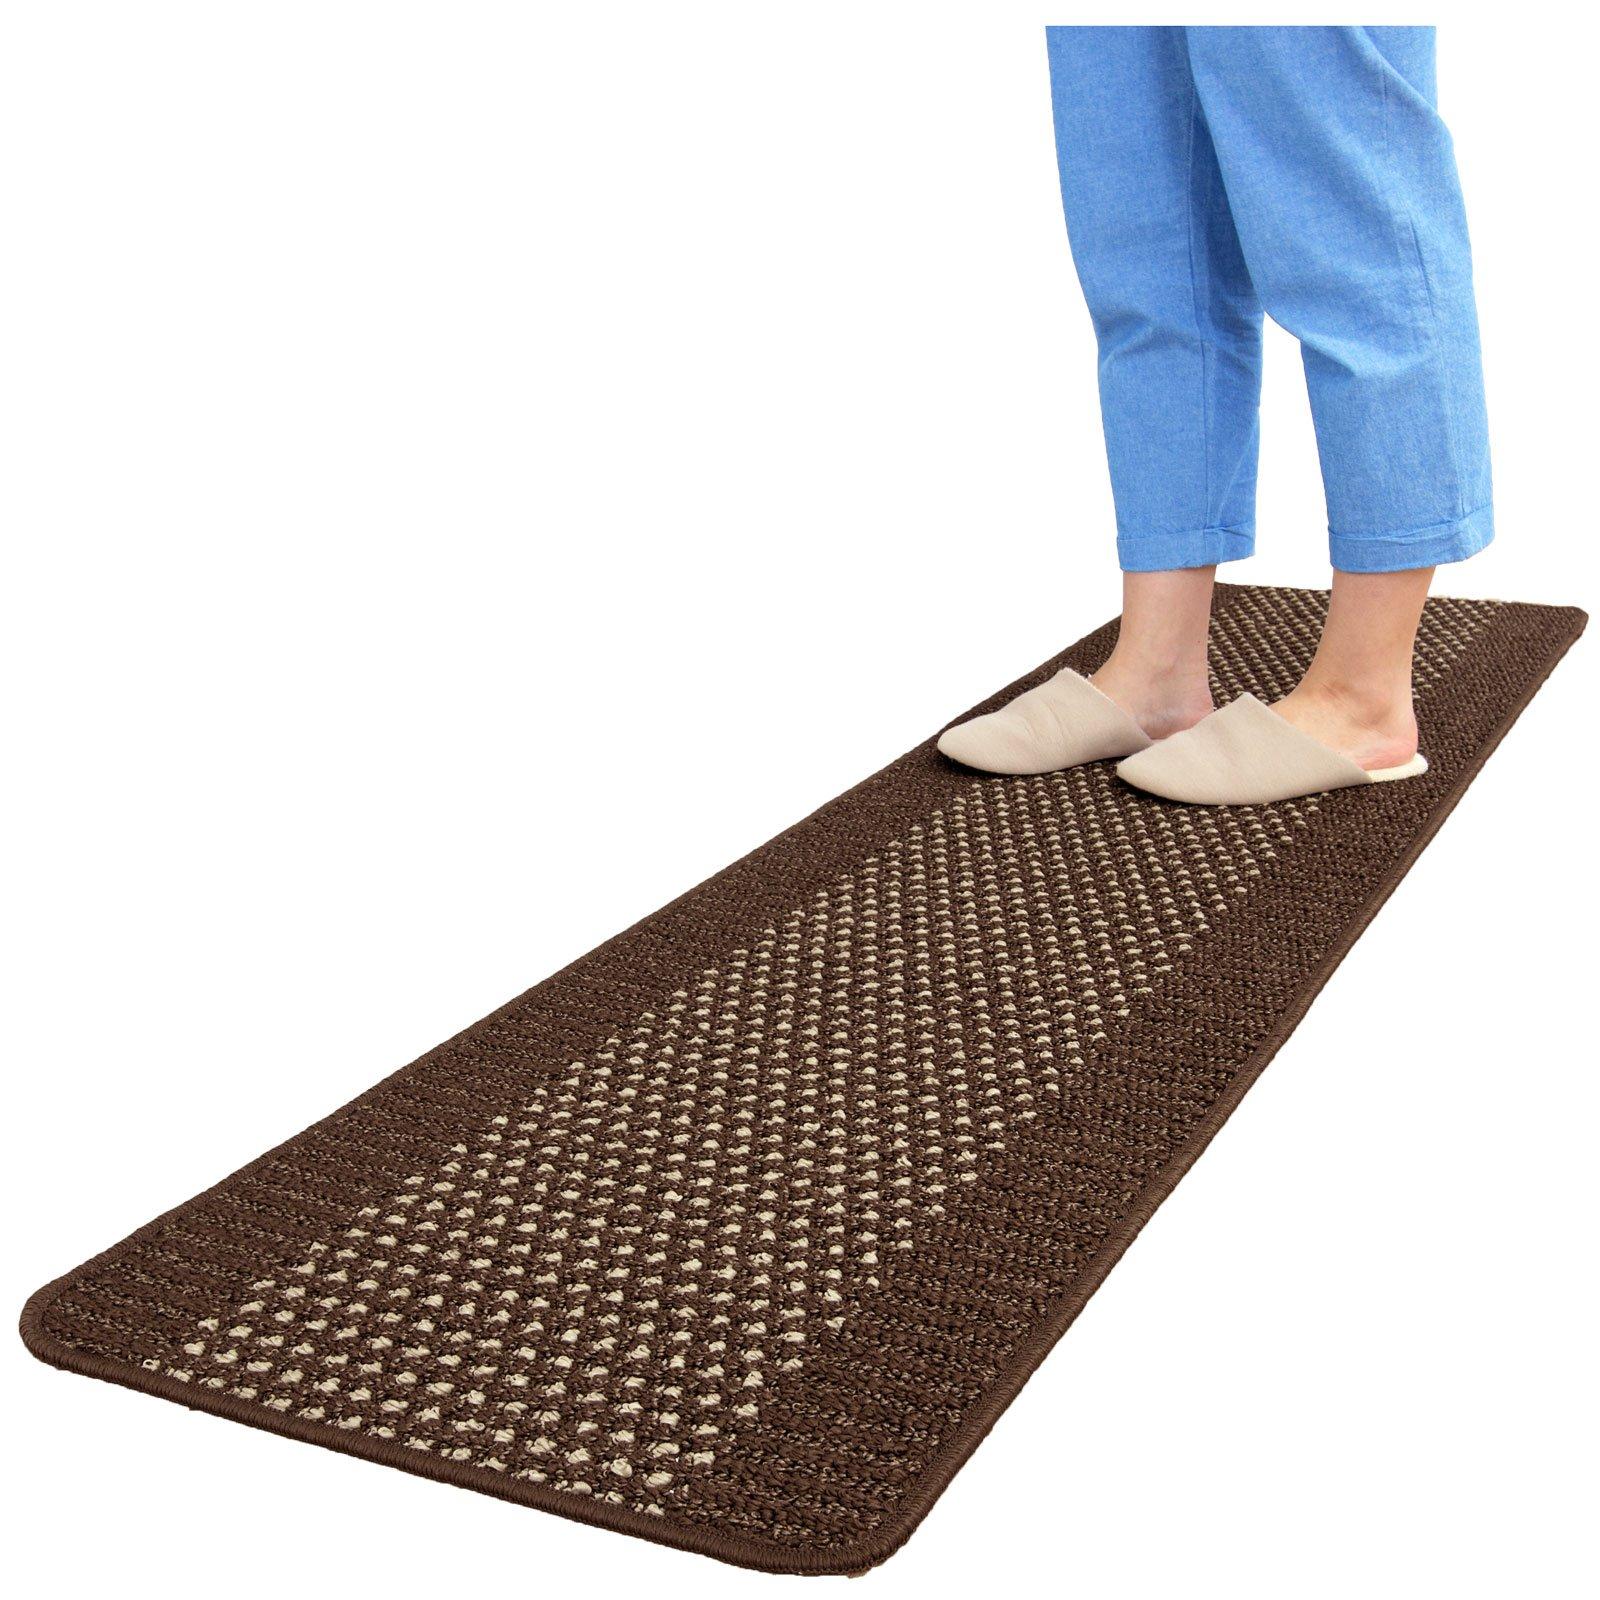 OKA kitchen mat